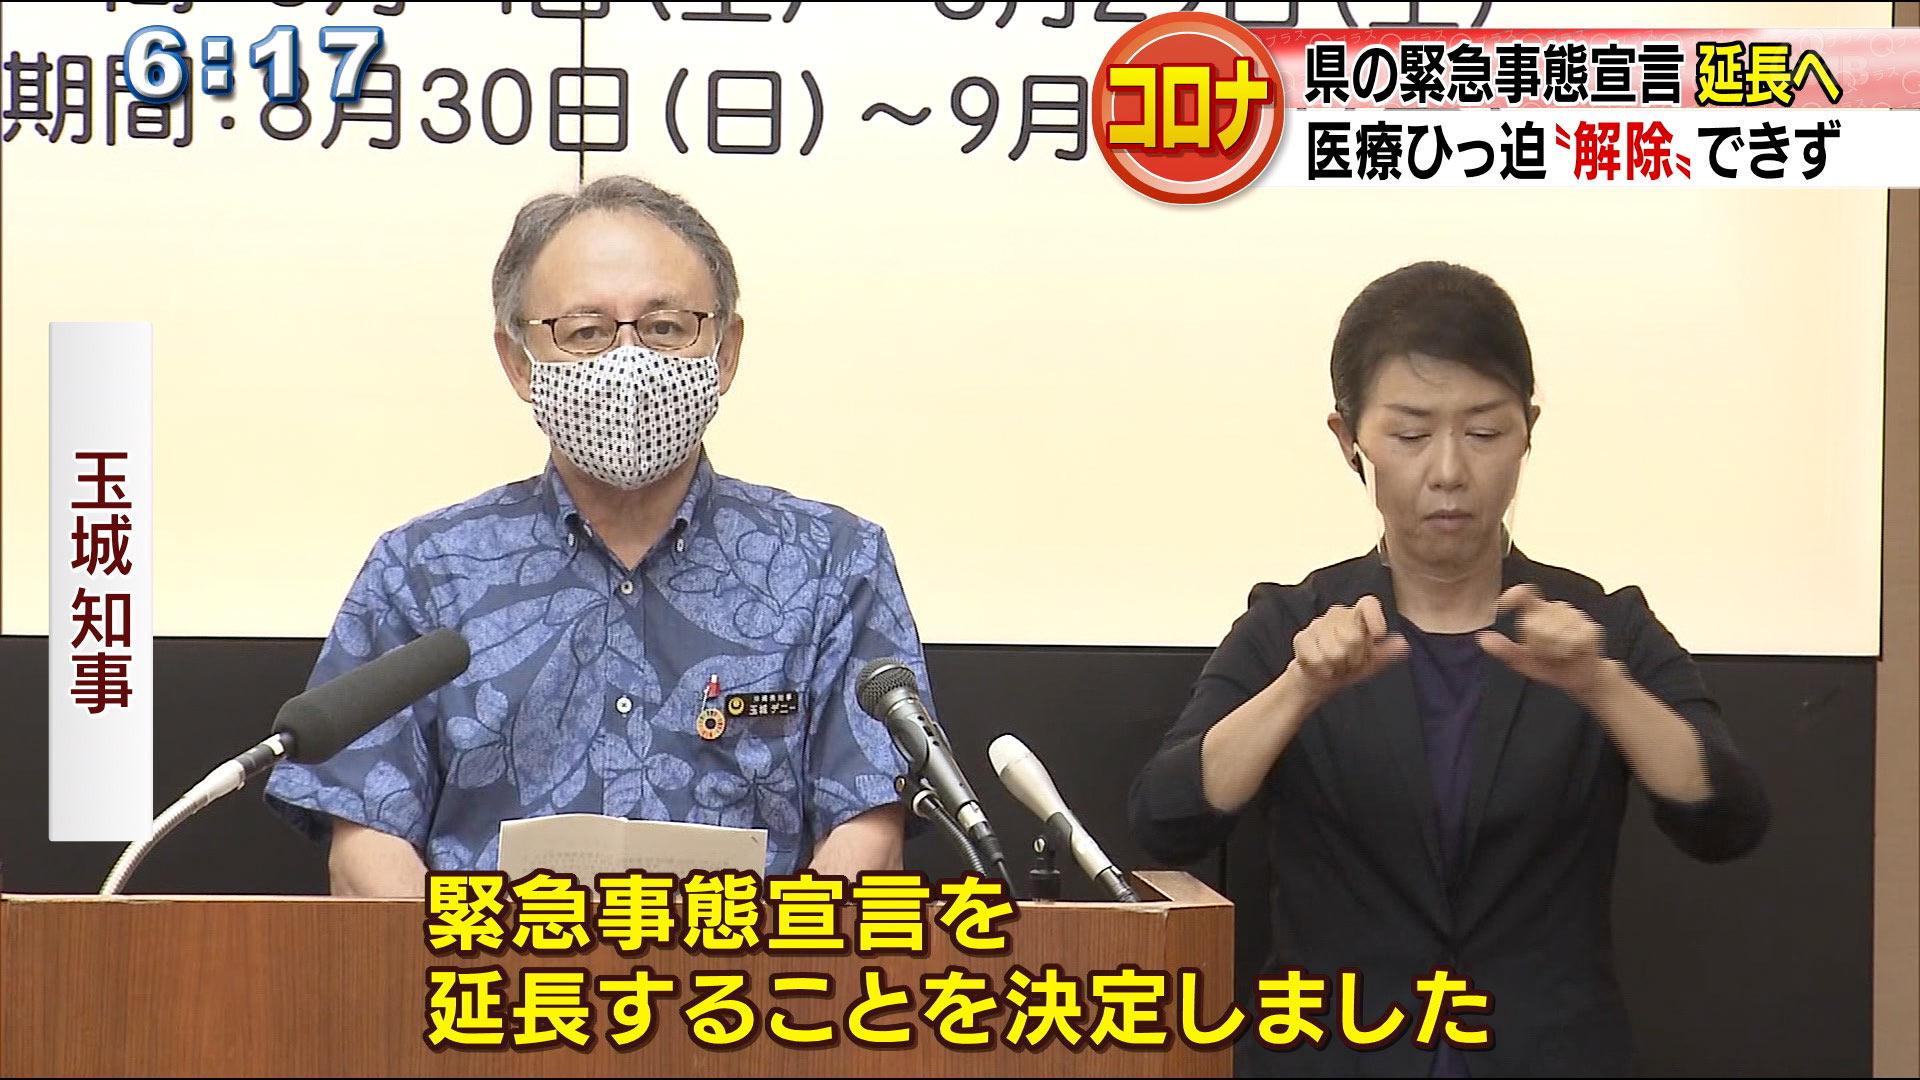 県の緊急事態宣言 1週間延長 9月5日まで